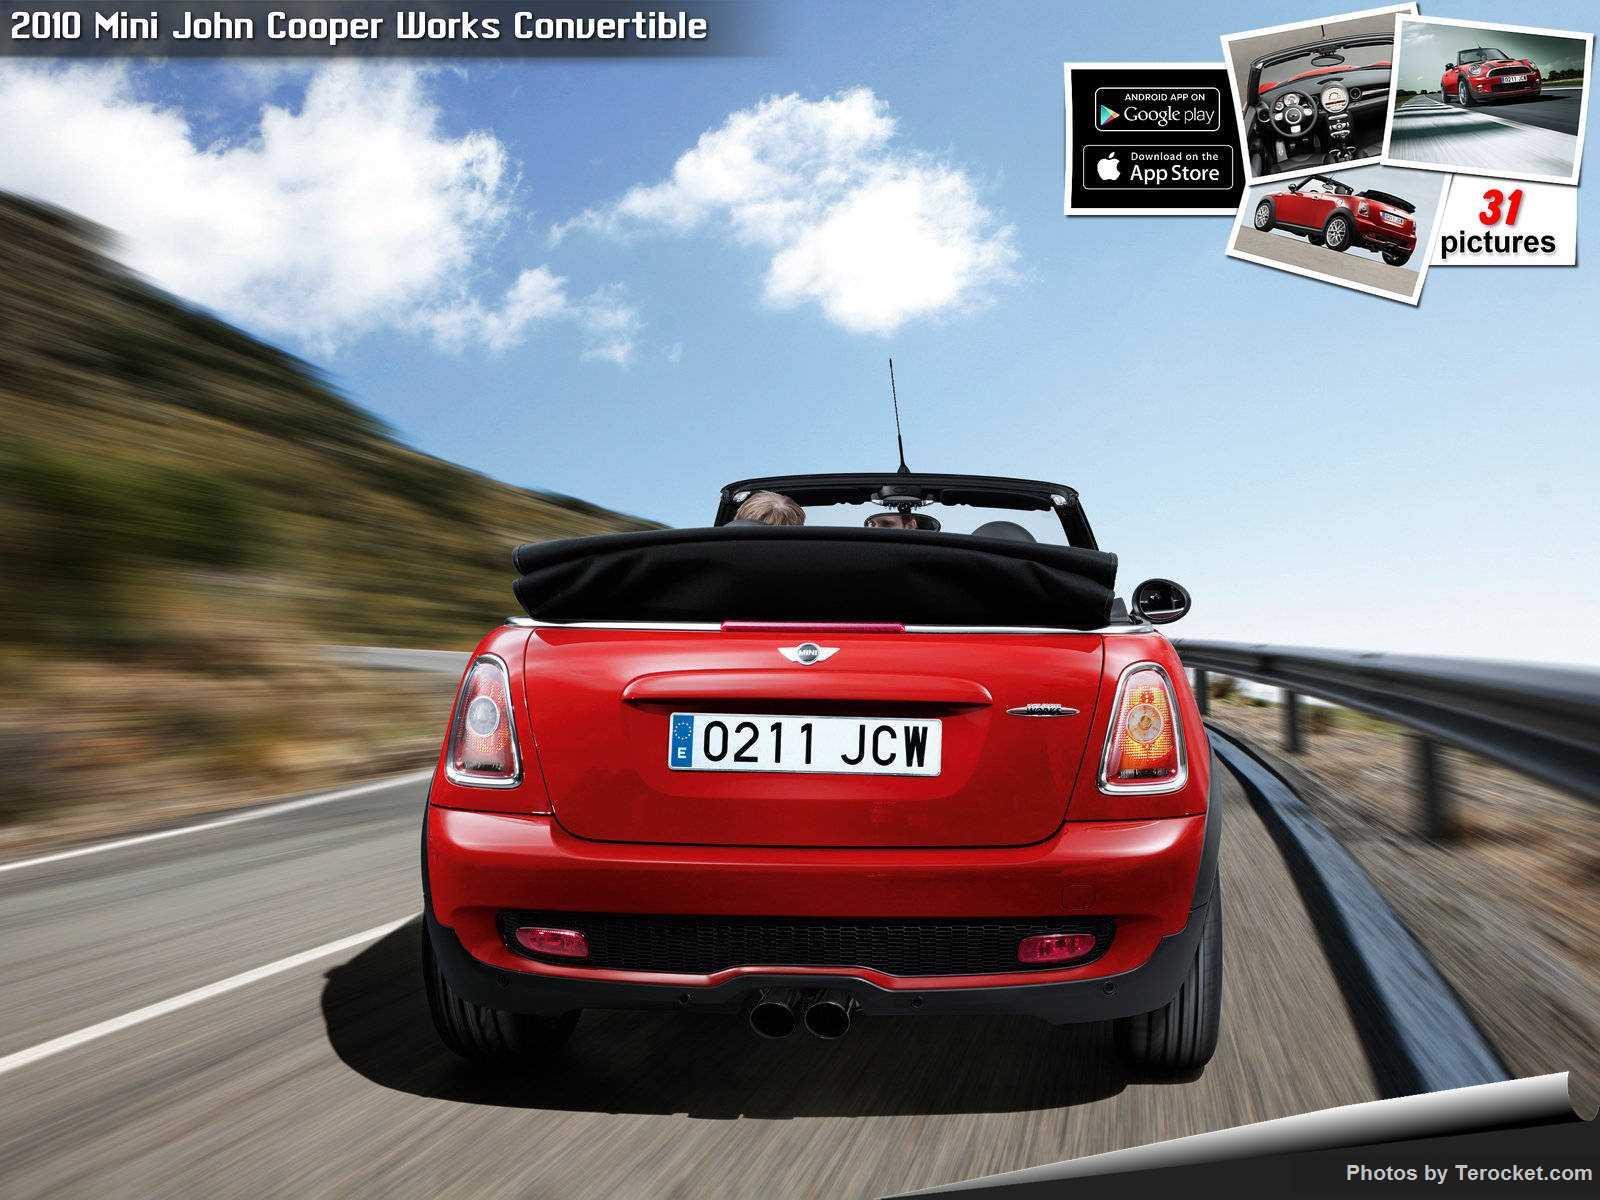 Hình ảnh xe ô tô Mini John Cooper Works Convertible 2010 & nội ngoại thất